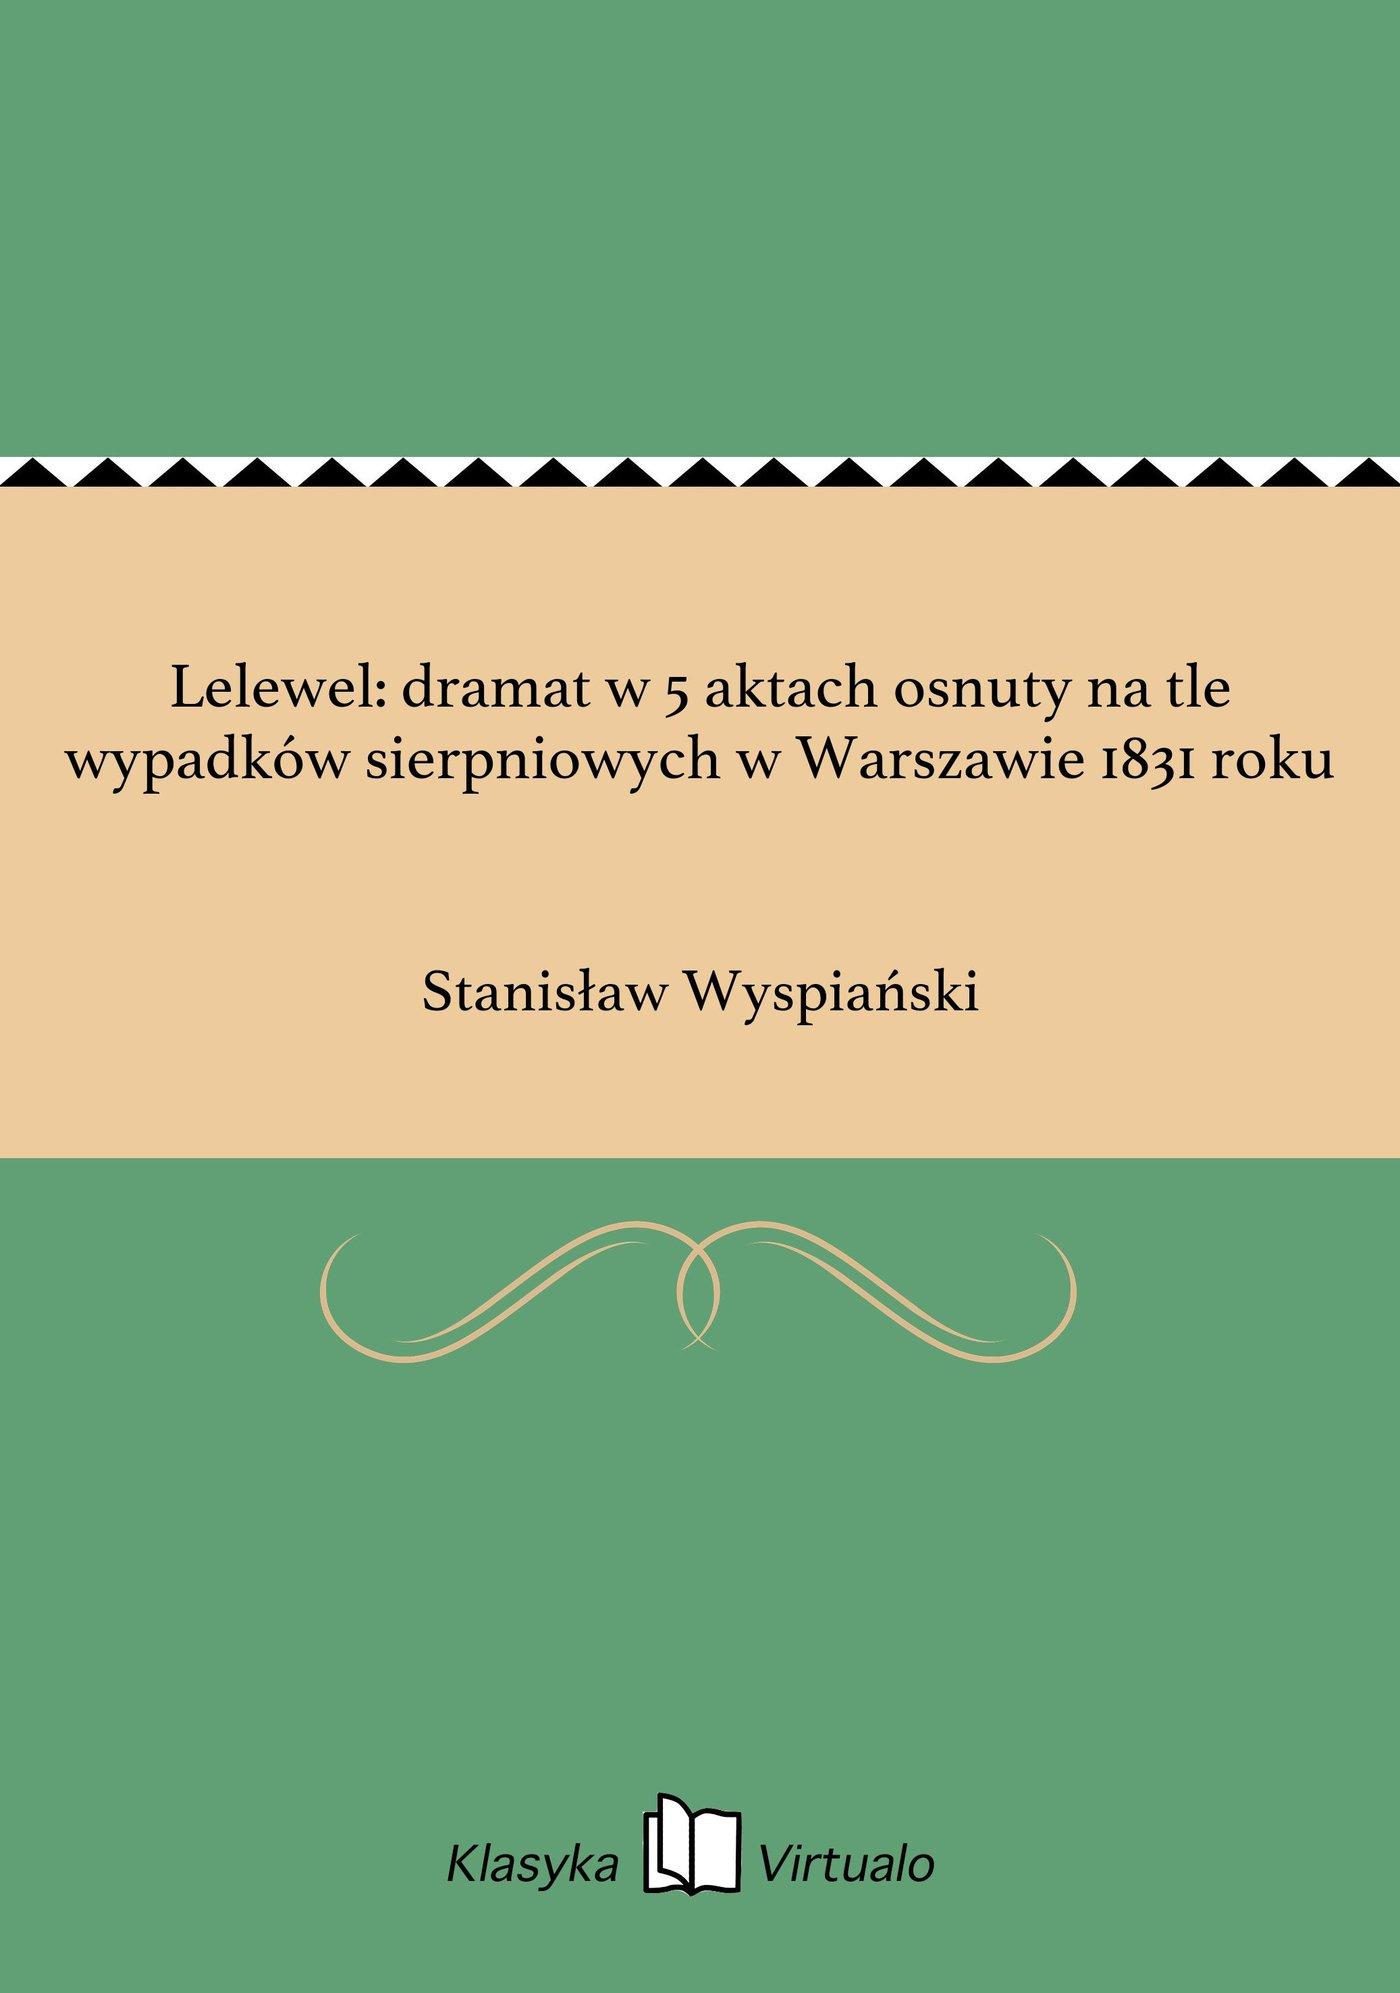 Lelewel: dramat w 5 aktach osnuty na tle wypadków sierpniowych w Warszawie 1831 roku - Ebook (Książka EPUB) do pobrania w formacie EPUB